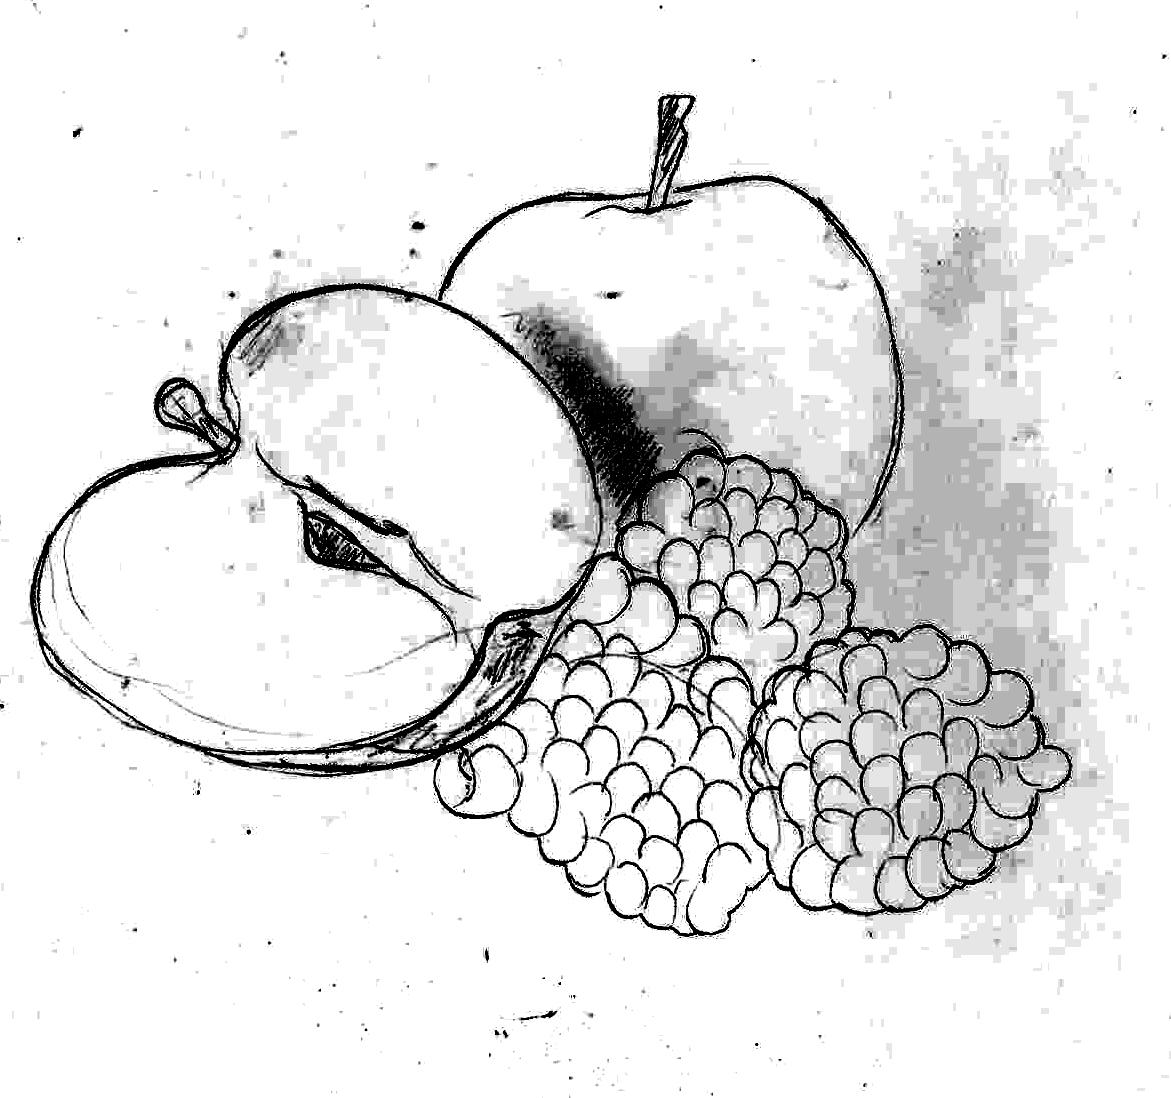 1171x1098 Website Design For Fruit Juice Brand Hamzaa Valli